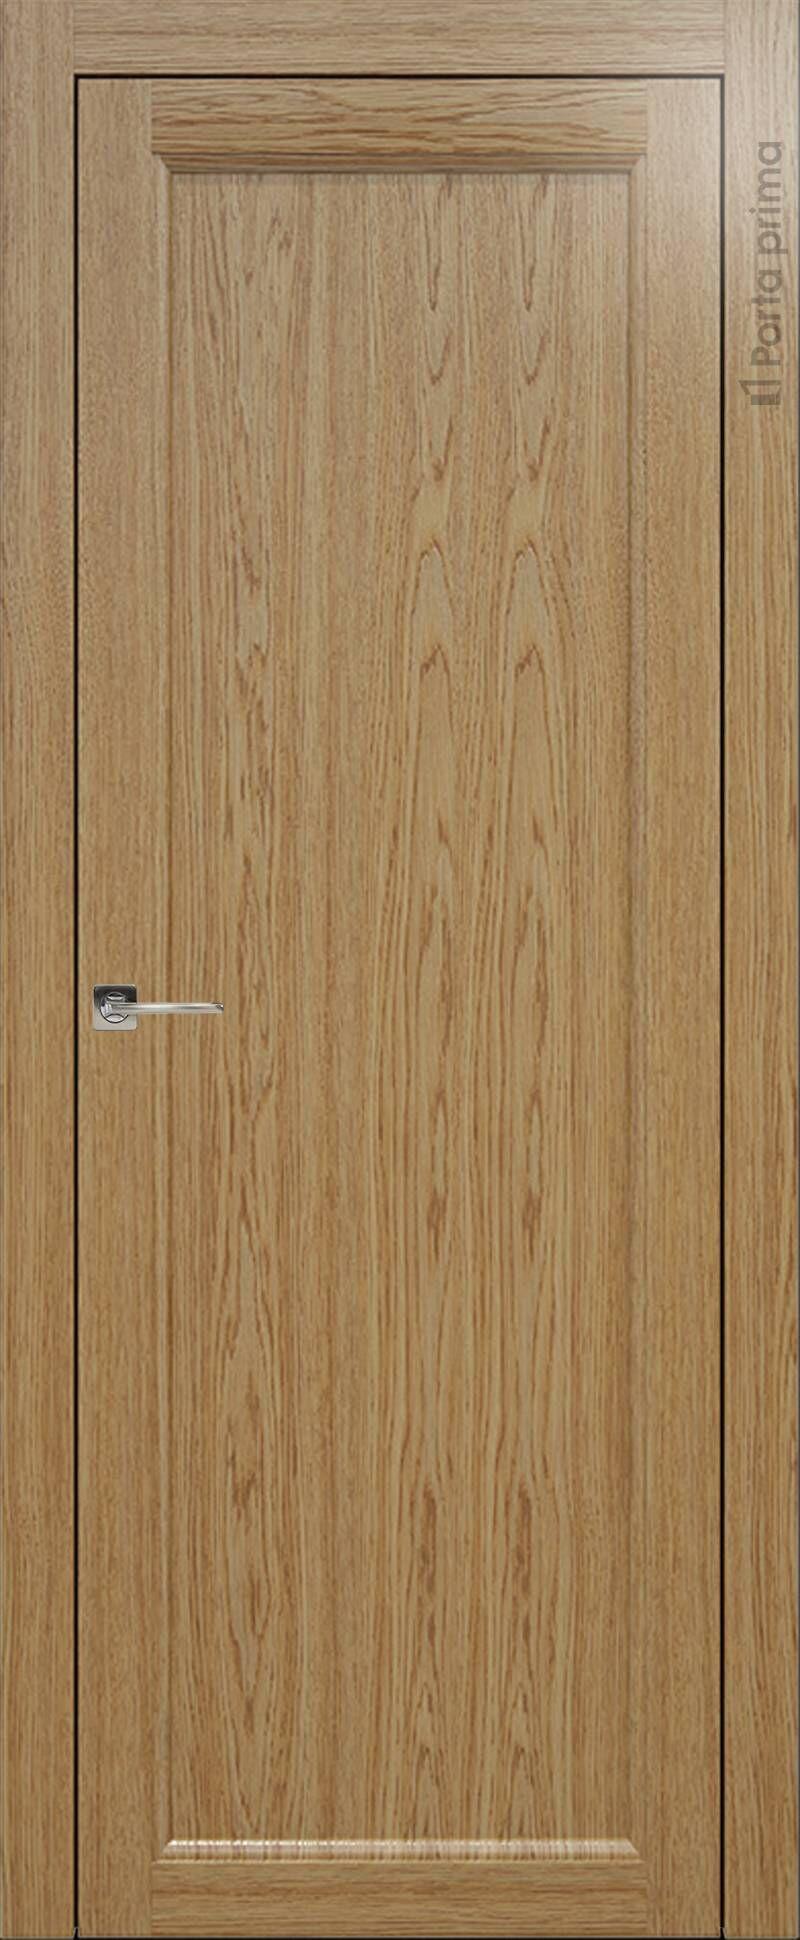 Sorrento-R А4 цвет - Дуб карамель Без стекла (ДГ)